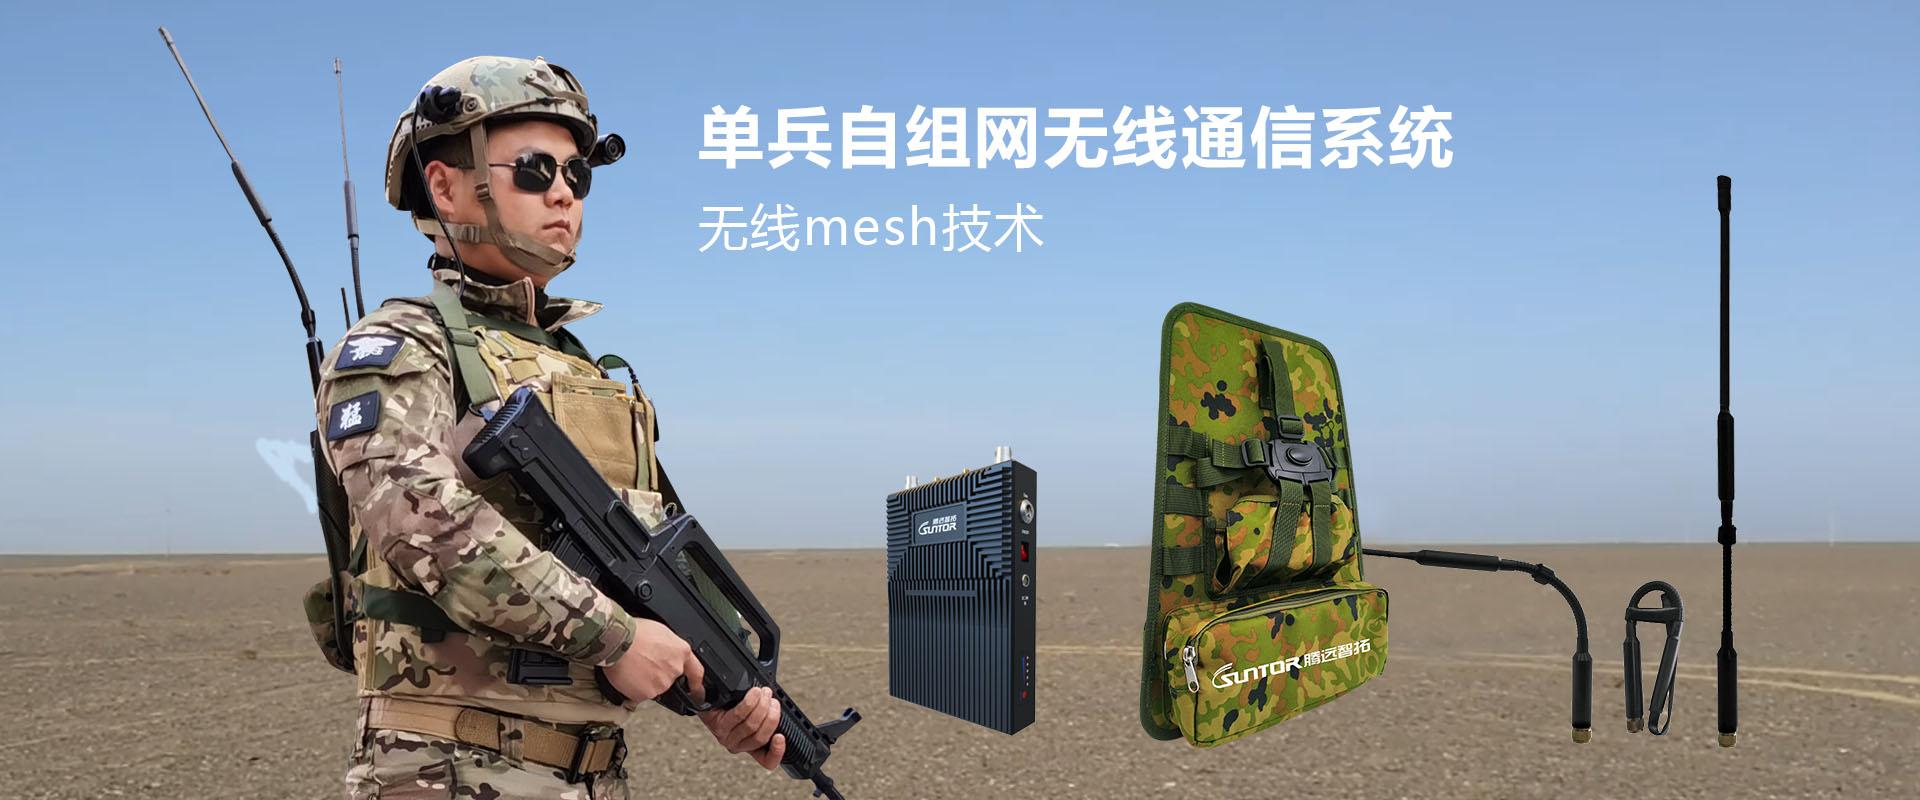 單兵(bing)組網無(wu)線通信設備